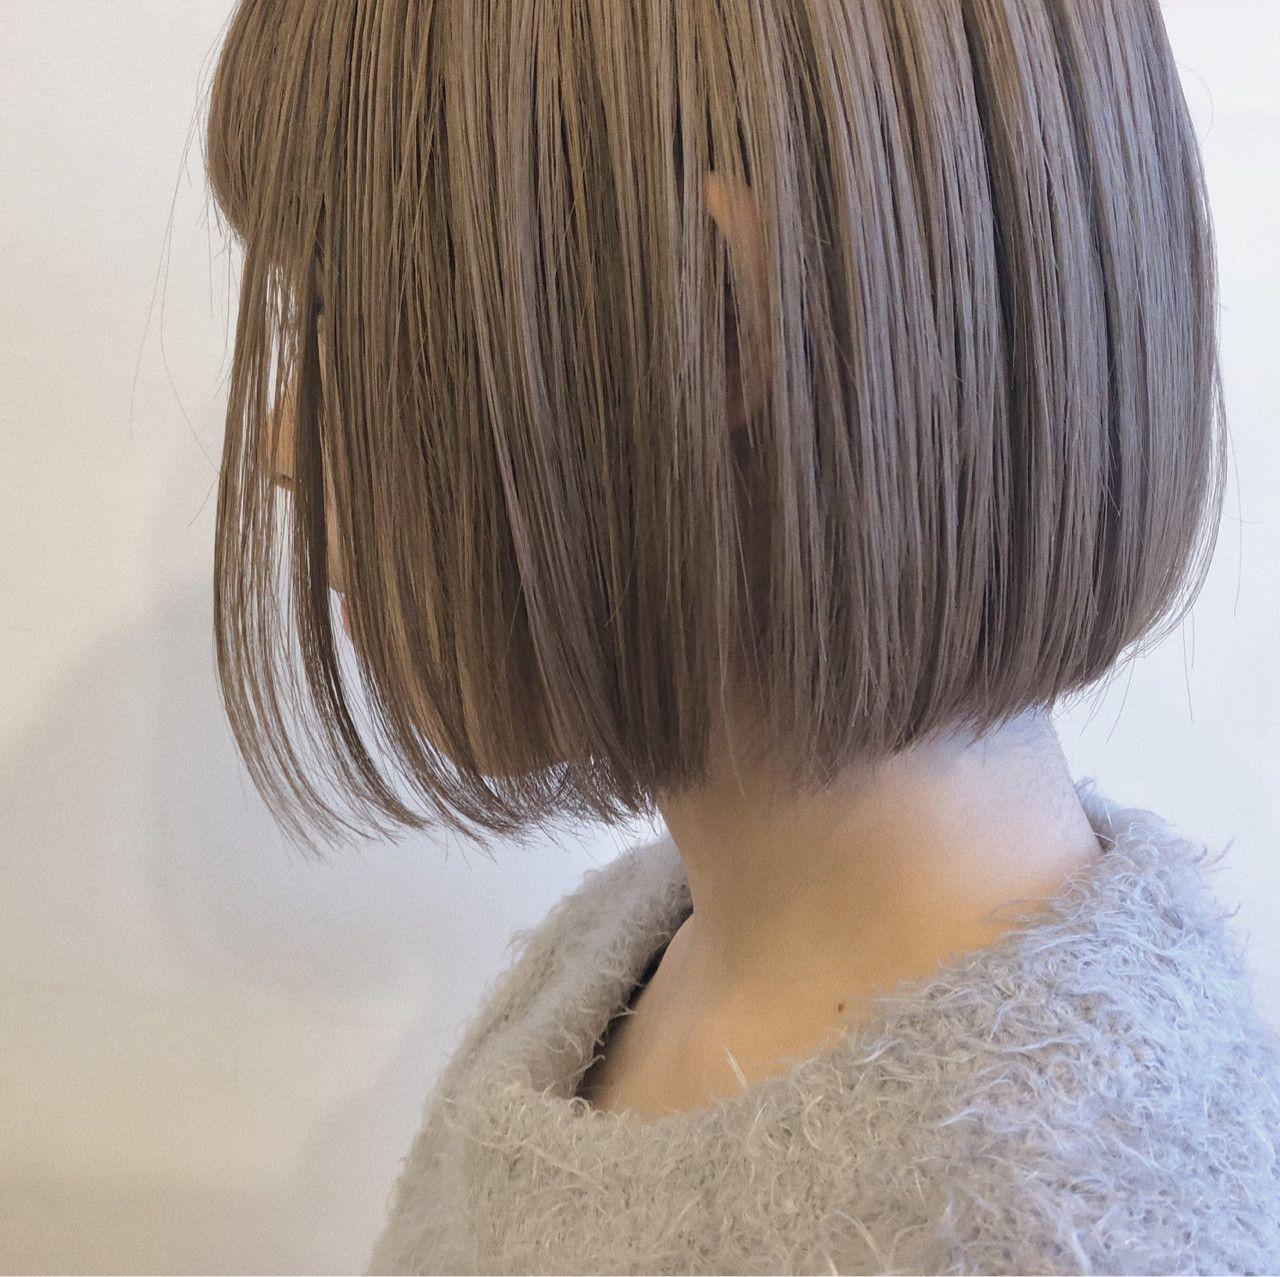 シアカラー ミルクティーベージュ オイルのみのスタイリング 髪色 ベージュ ヘアスタイリング 髪 色